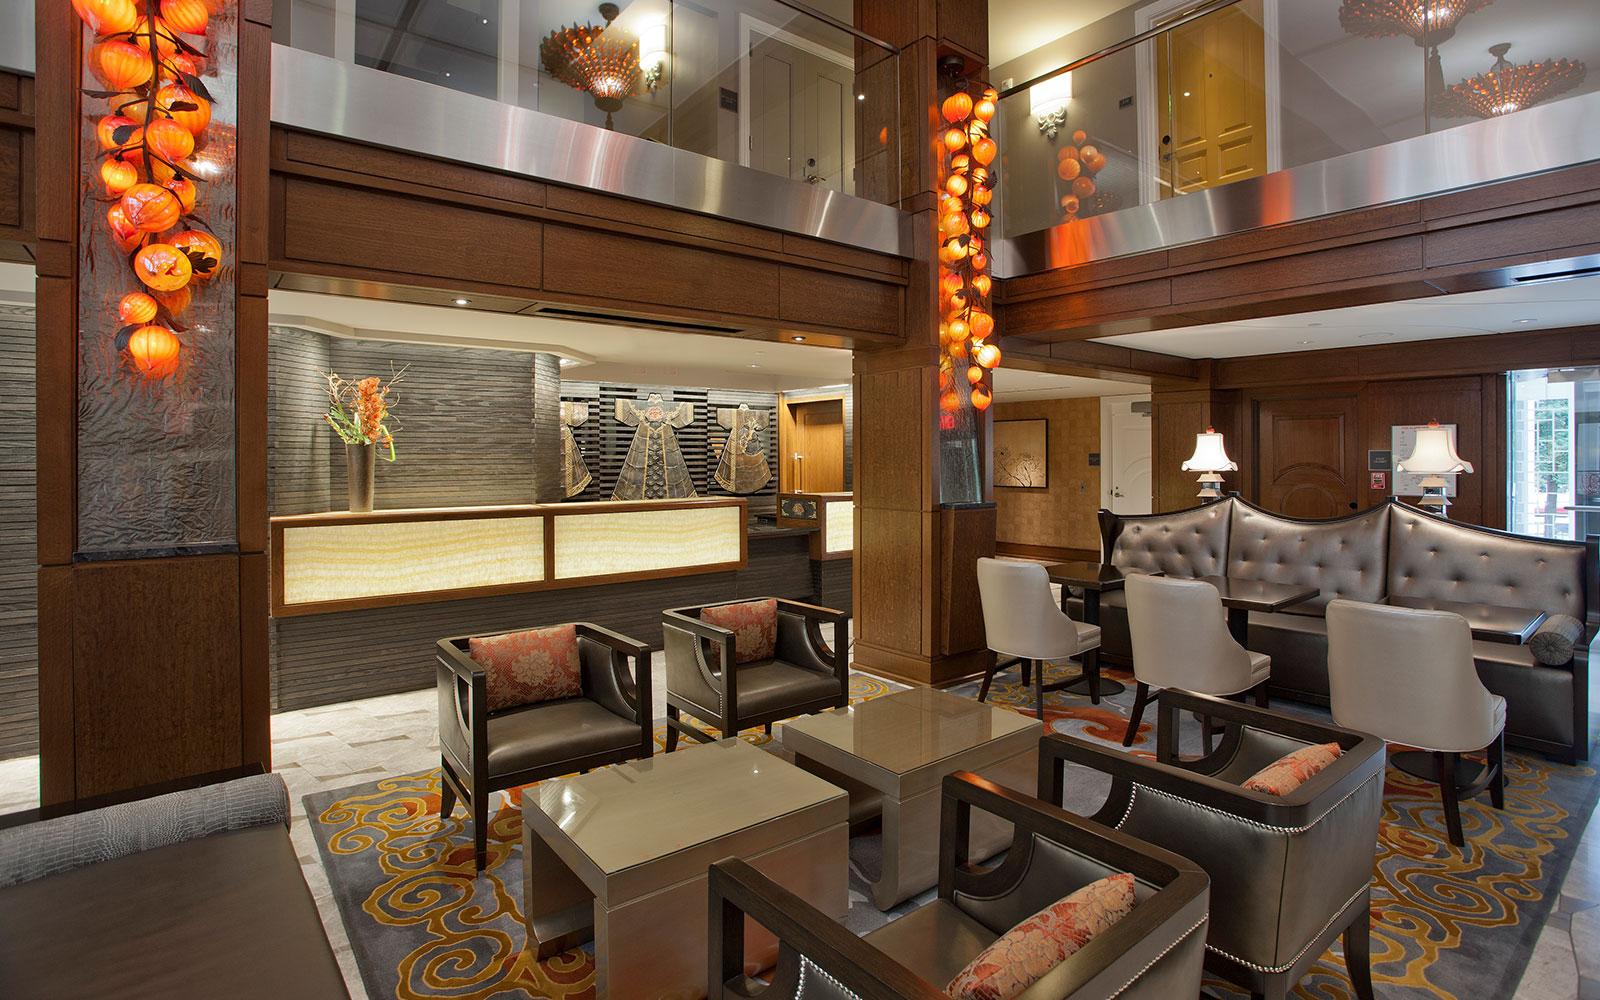 Morrison-Clark Historic Inn & Restaurant - Washington, DC Our Story